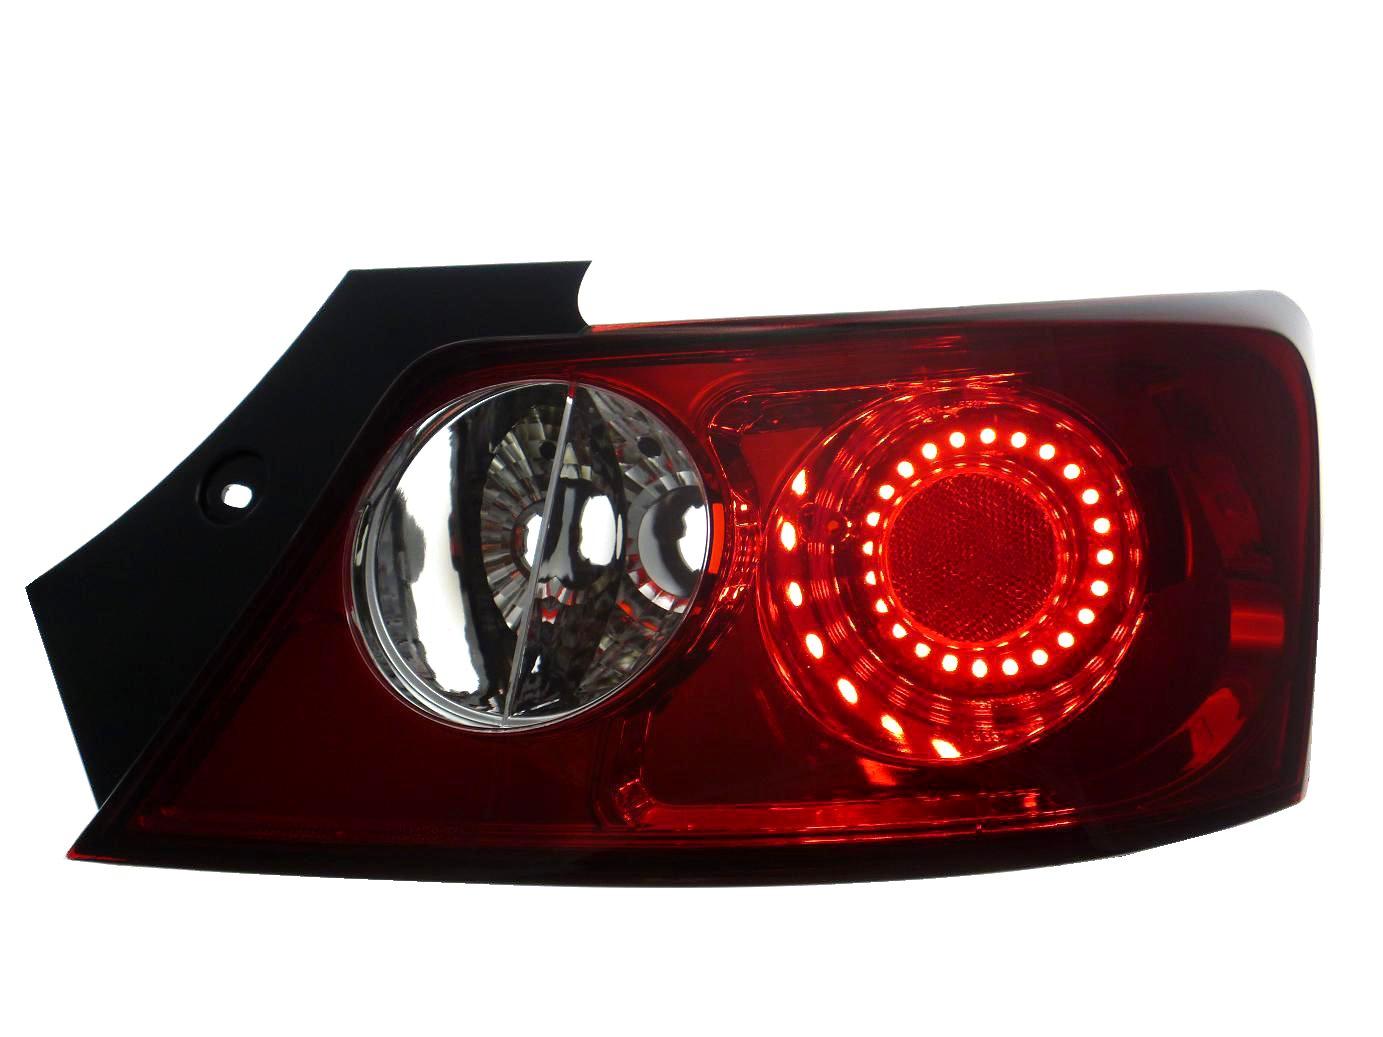 《つぶつぶイクラリング》bB用ユーロテール レッド(QNC系)(検LEDテール)TOYOTA bB RED TAILLAMP